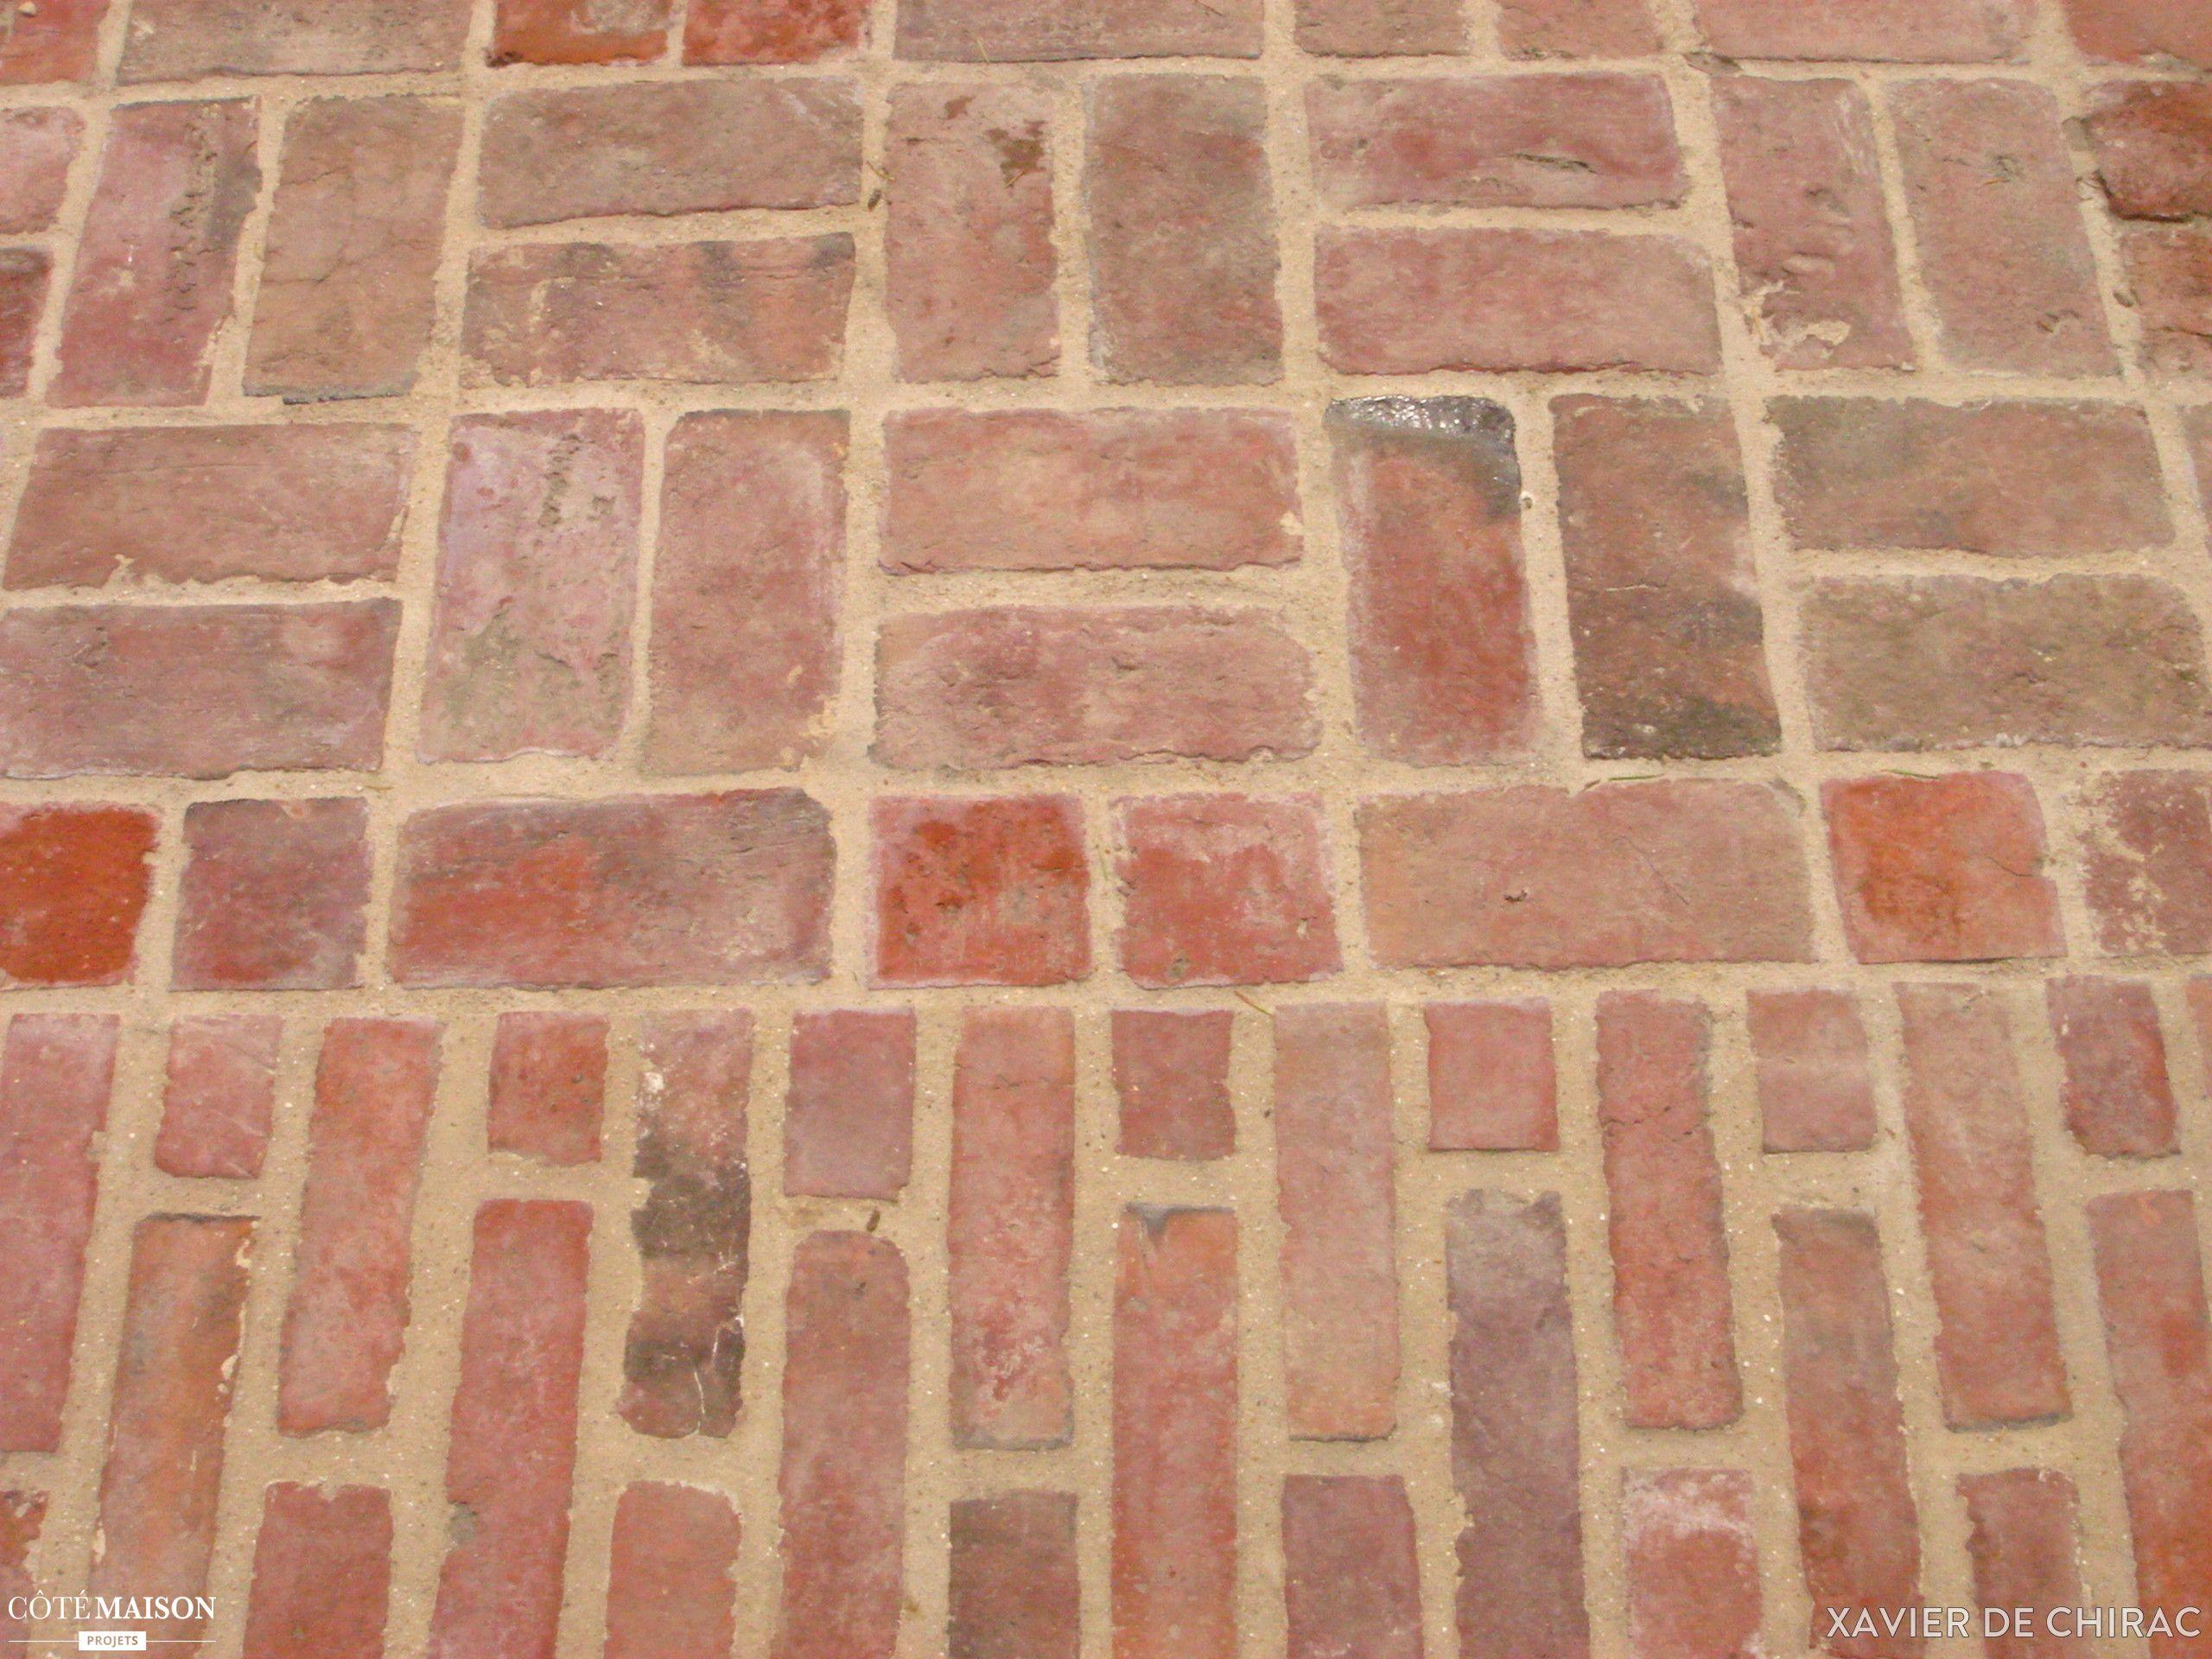 Bordure de maison en brique rouge d co ext rieure pinterest maison en brique brique - Deco brique rouge ...